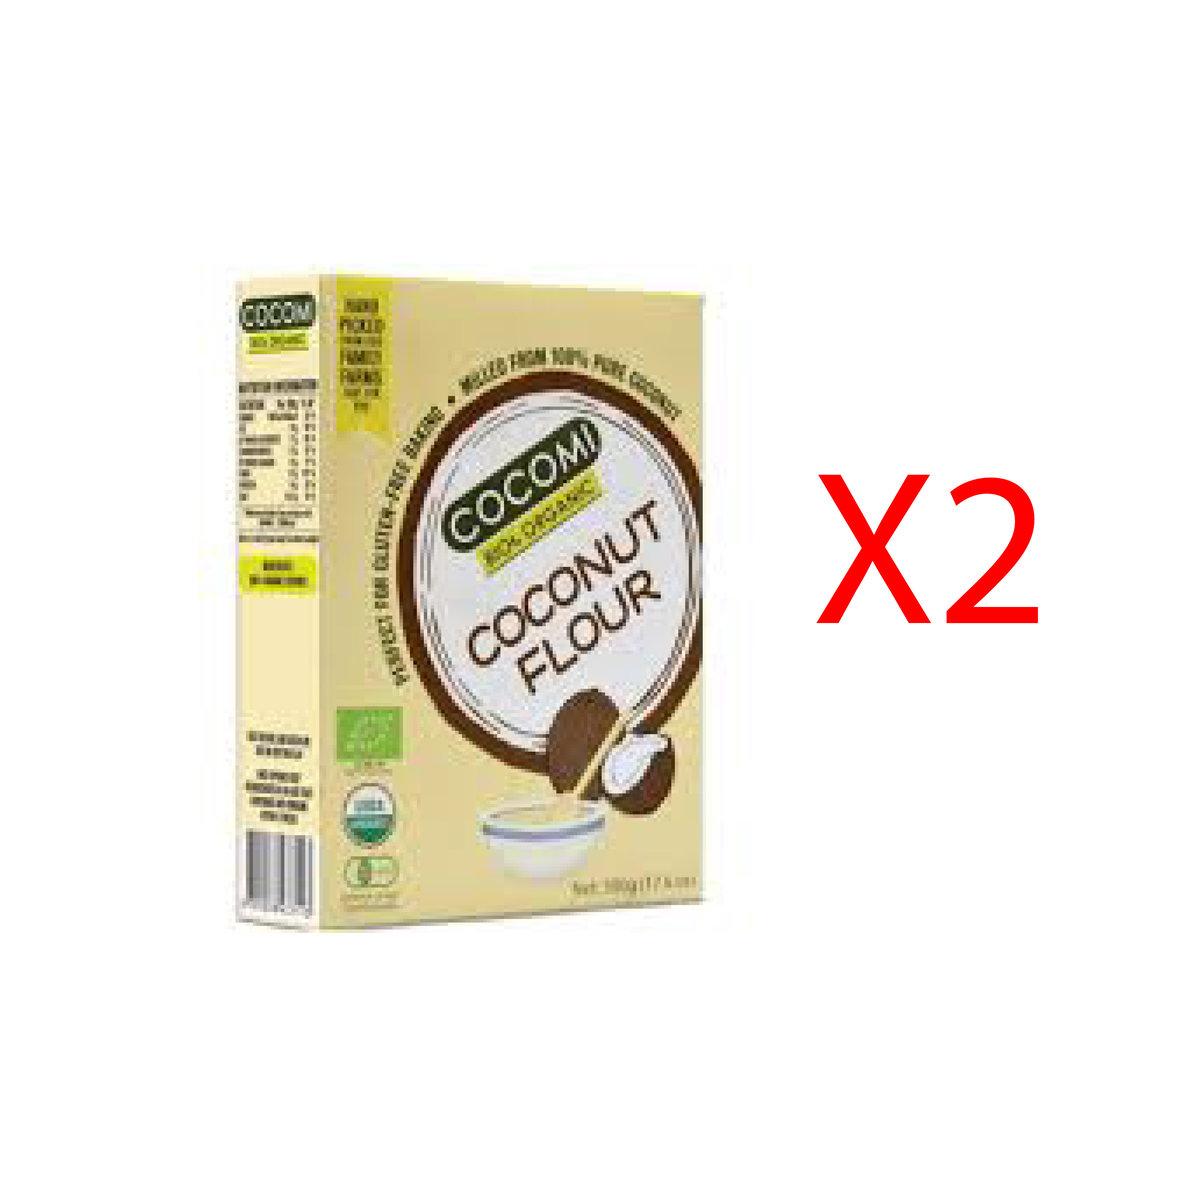 Organic Coconut Flour (Keto, Flour replacer, Gluten Free) (2 Boxes)